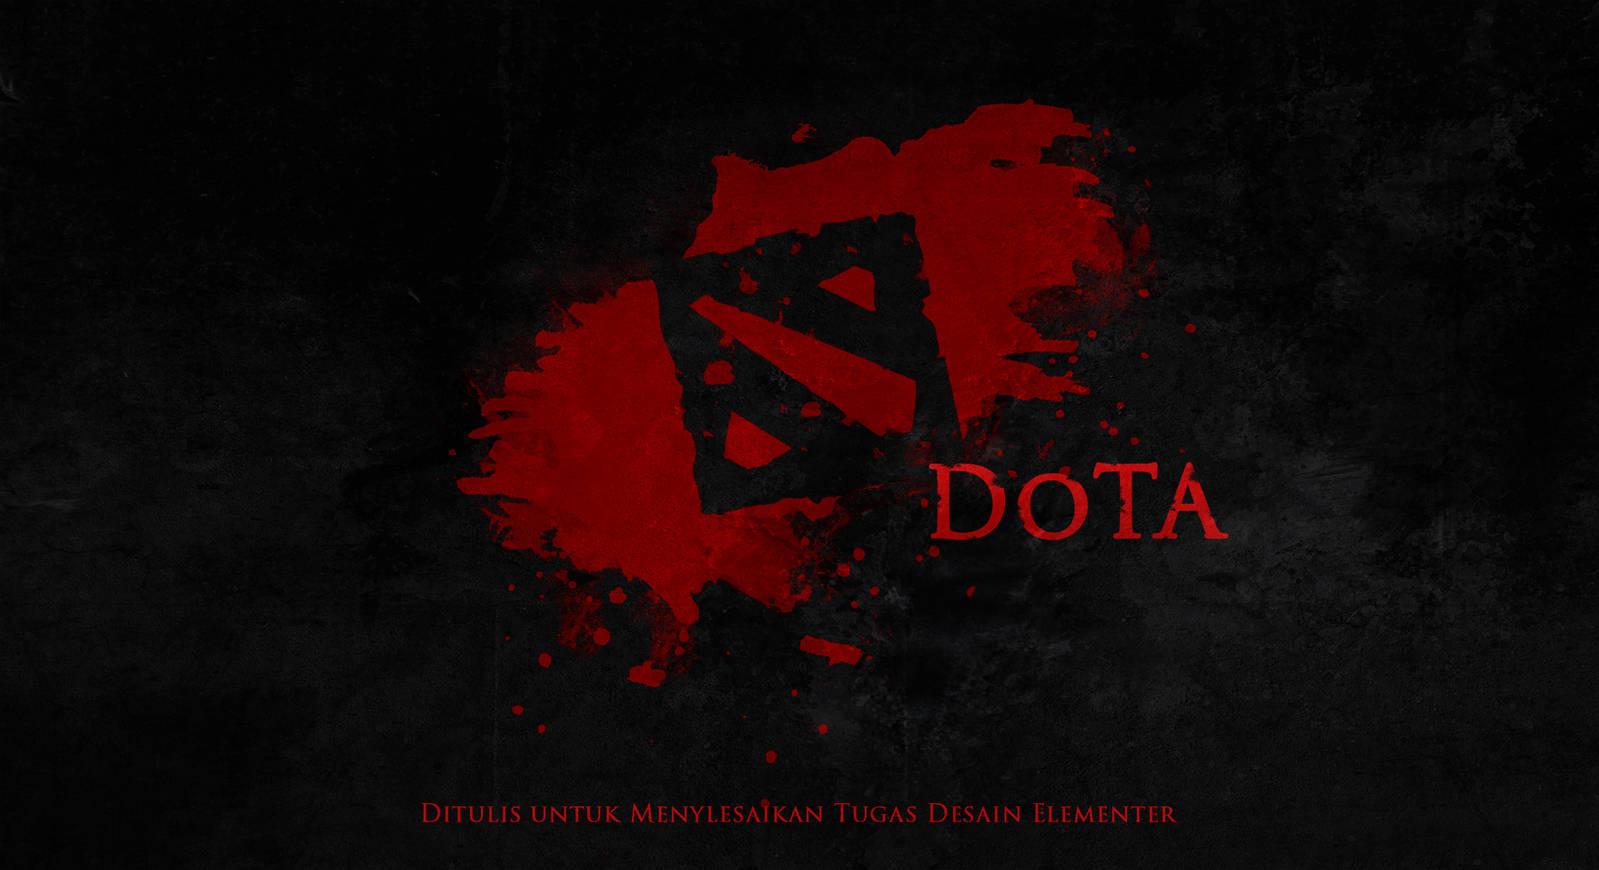 Dota 2 Logo Fanart by theGinZ